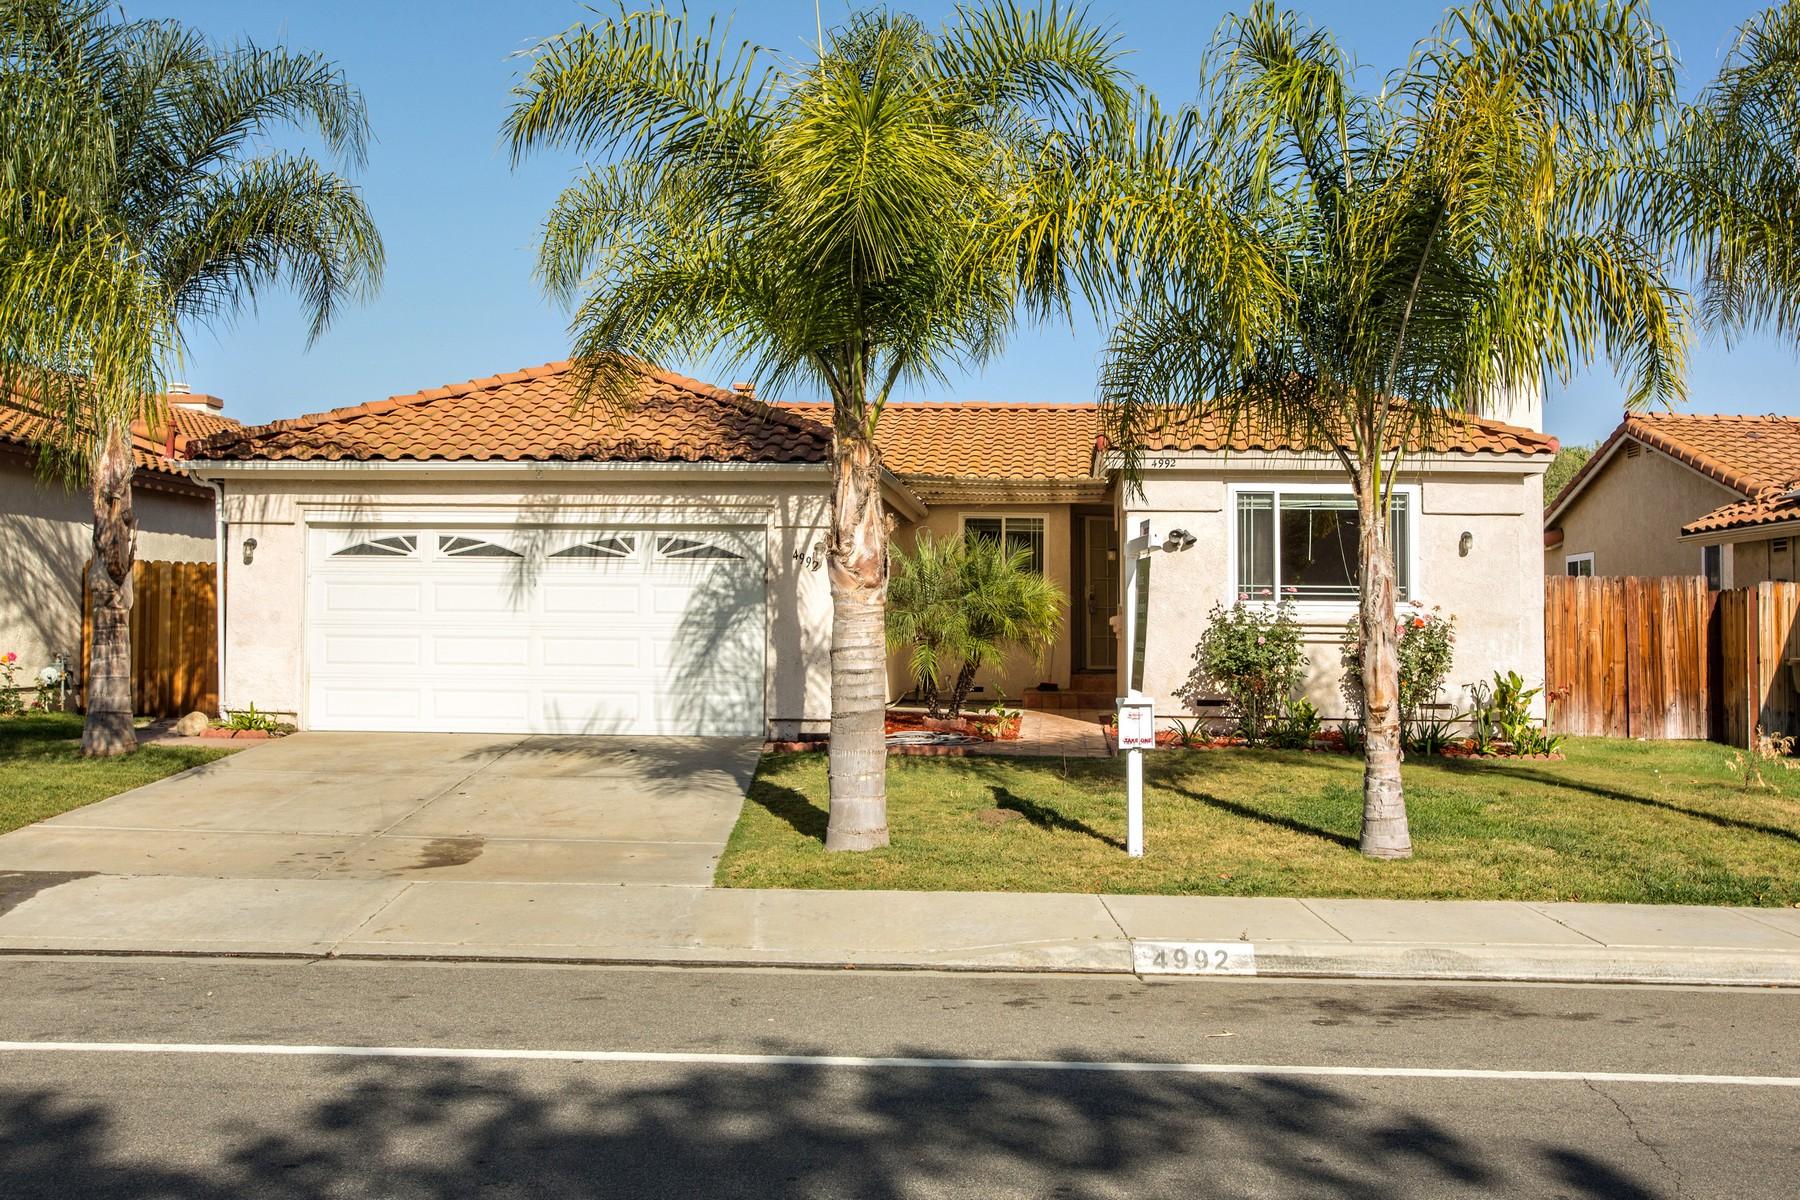 Maison unifamiliale pour l Vente à 4992 Dulin Road Fallbrook, Californie 92028 États-Unis